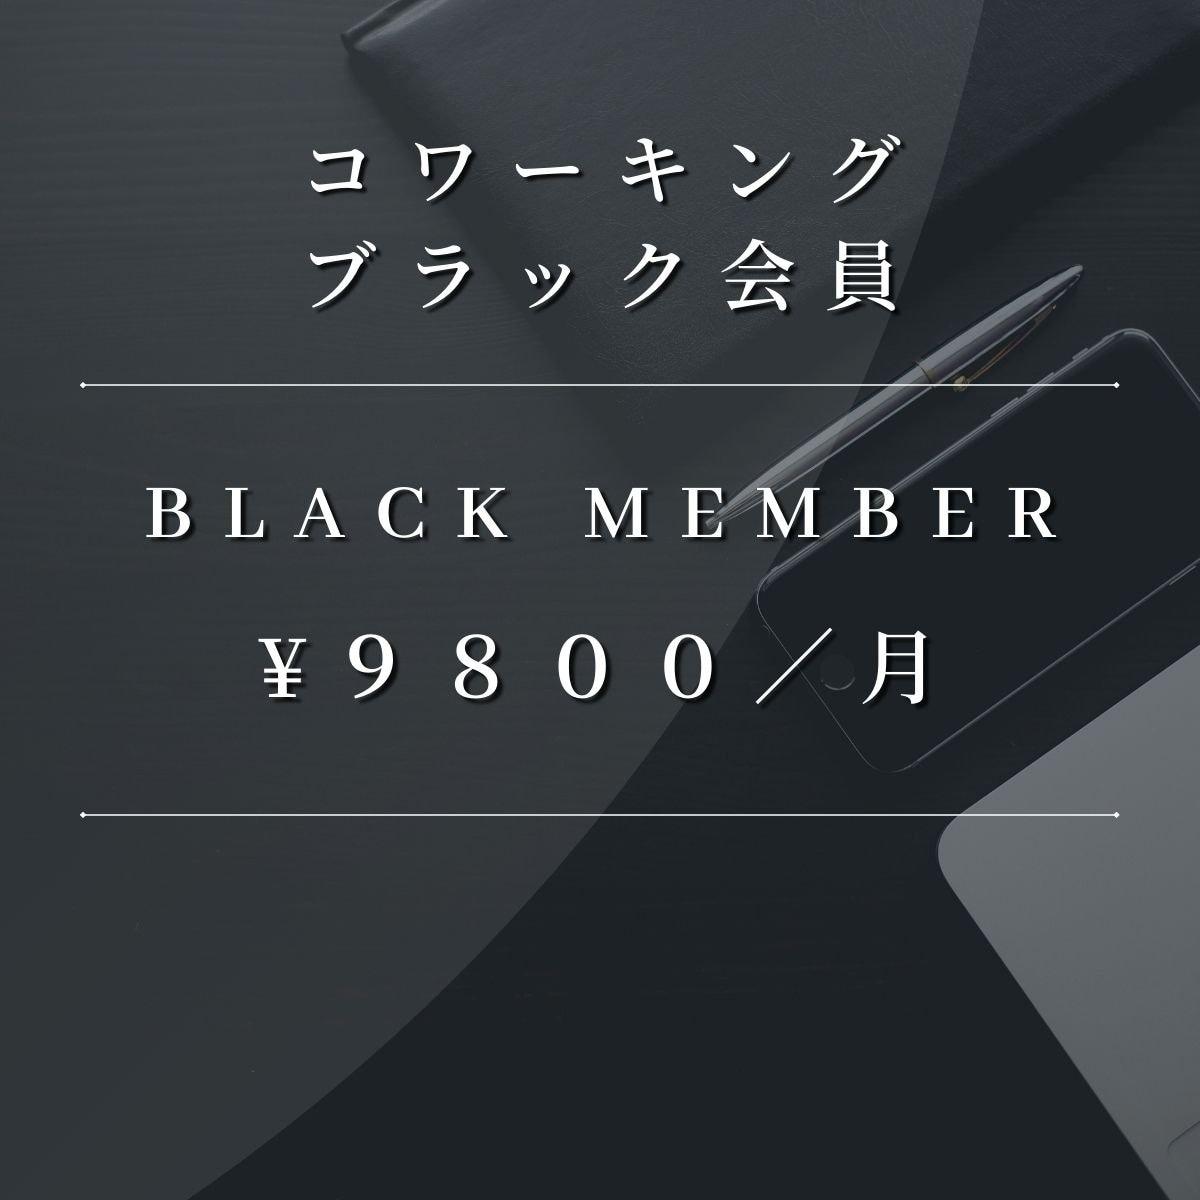 ブラック会員|コワーキングスペース|ビジネスブースト|リーダー向けのイメージその2